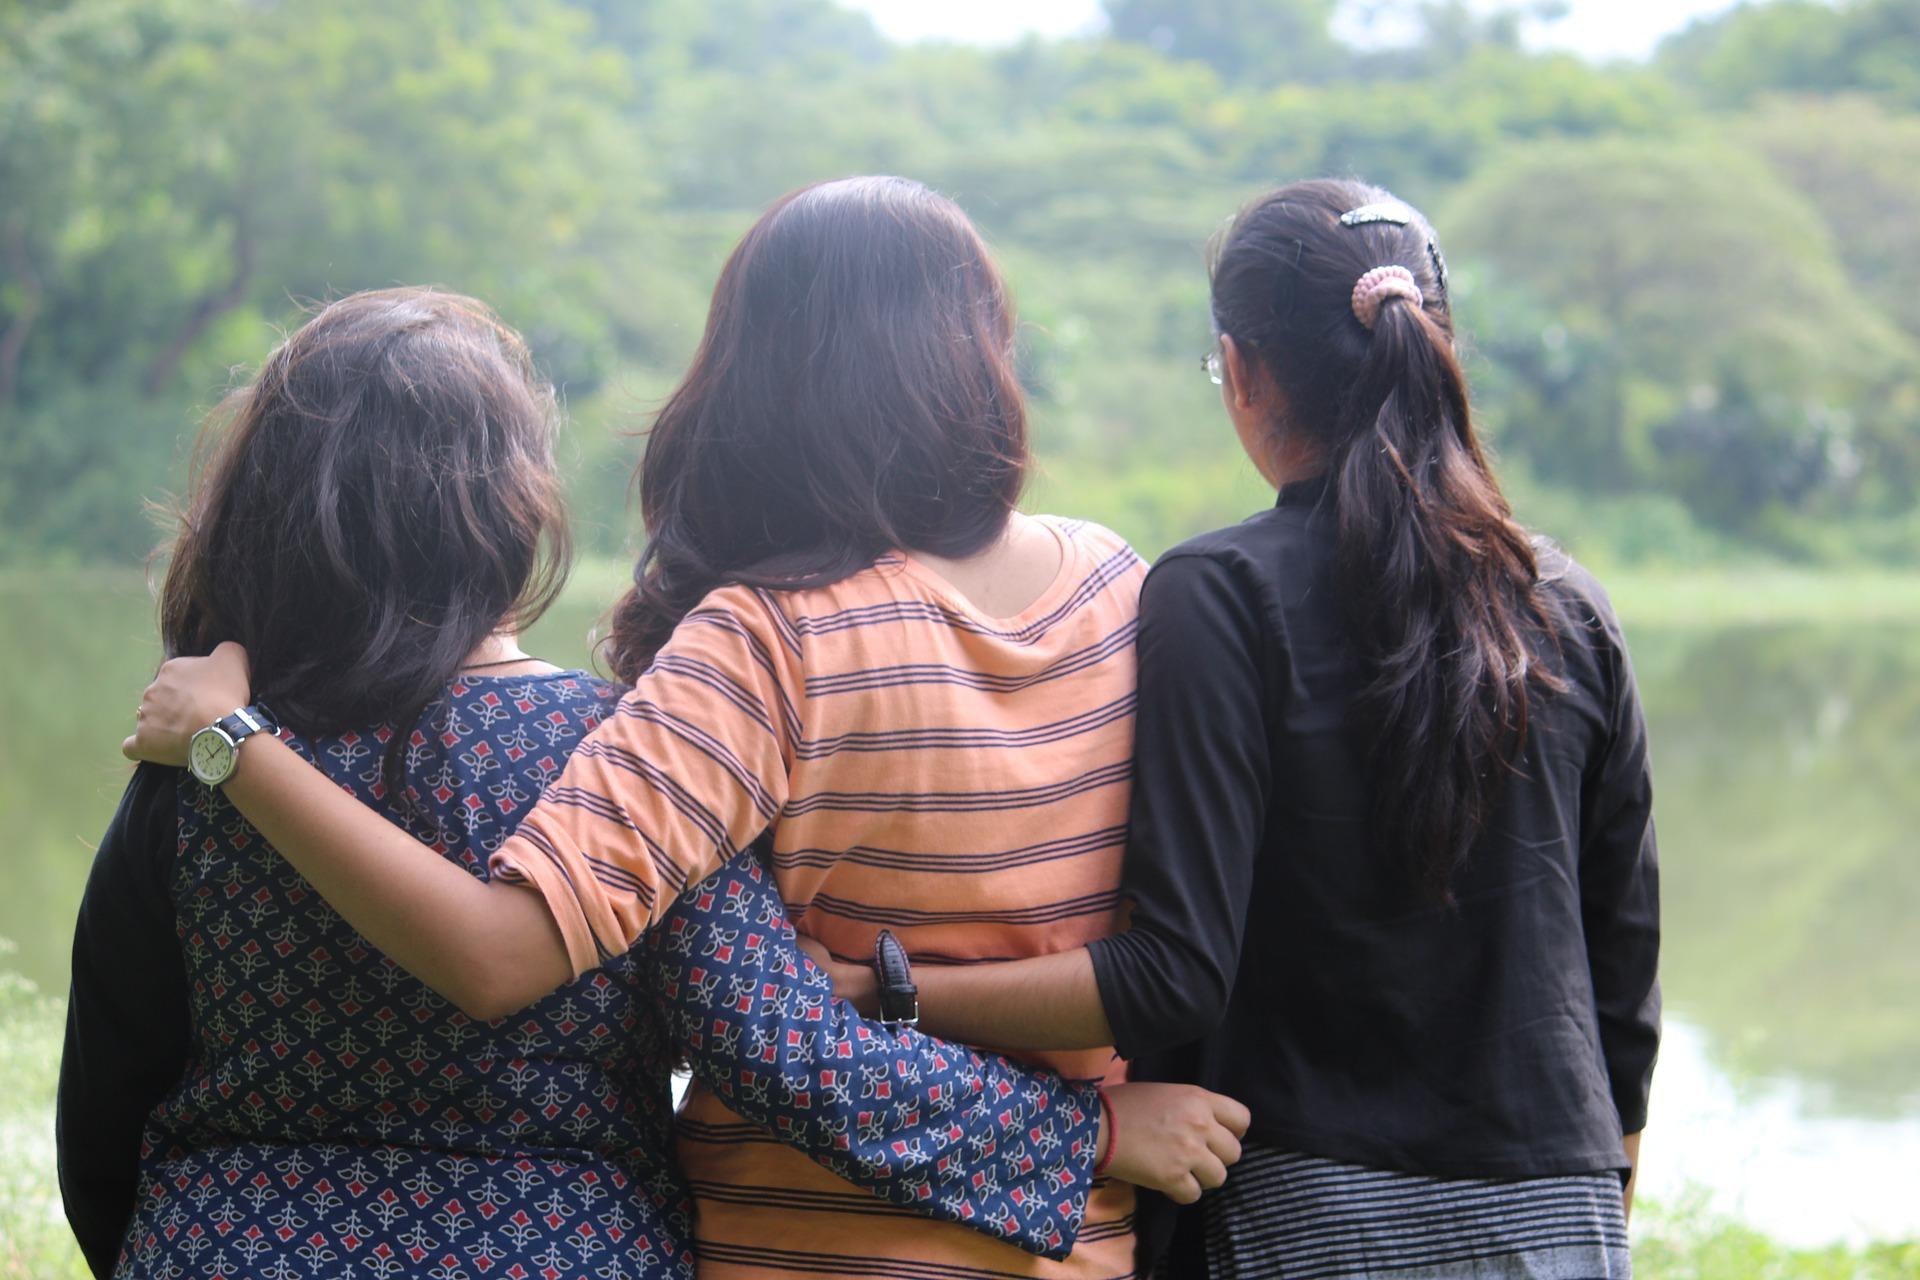 girls-2818371_1920